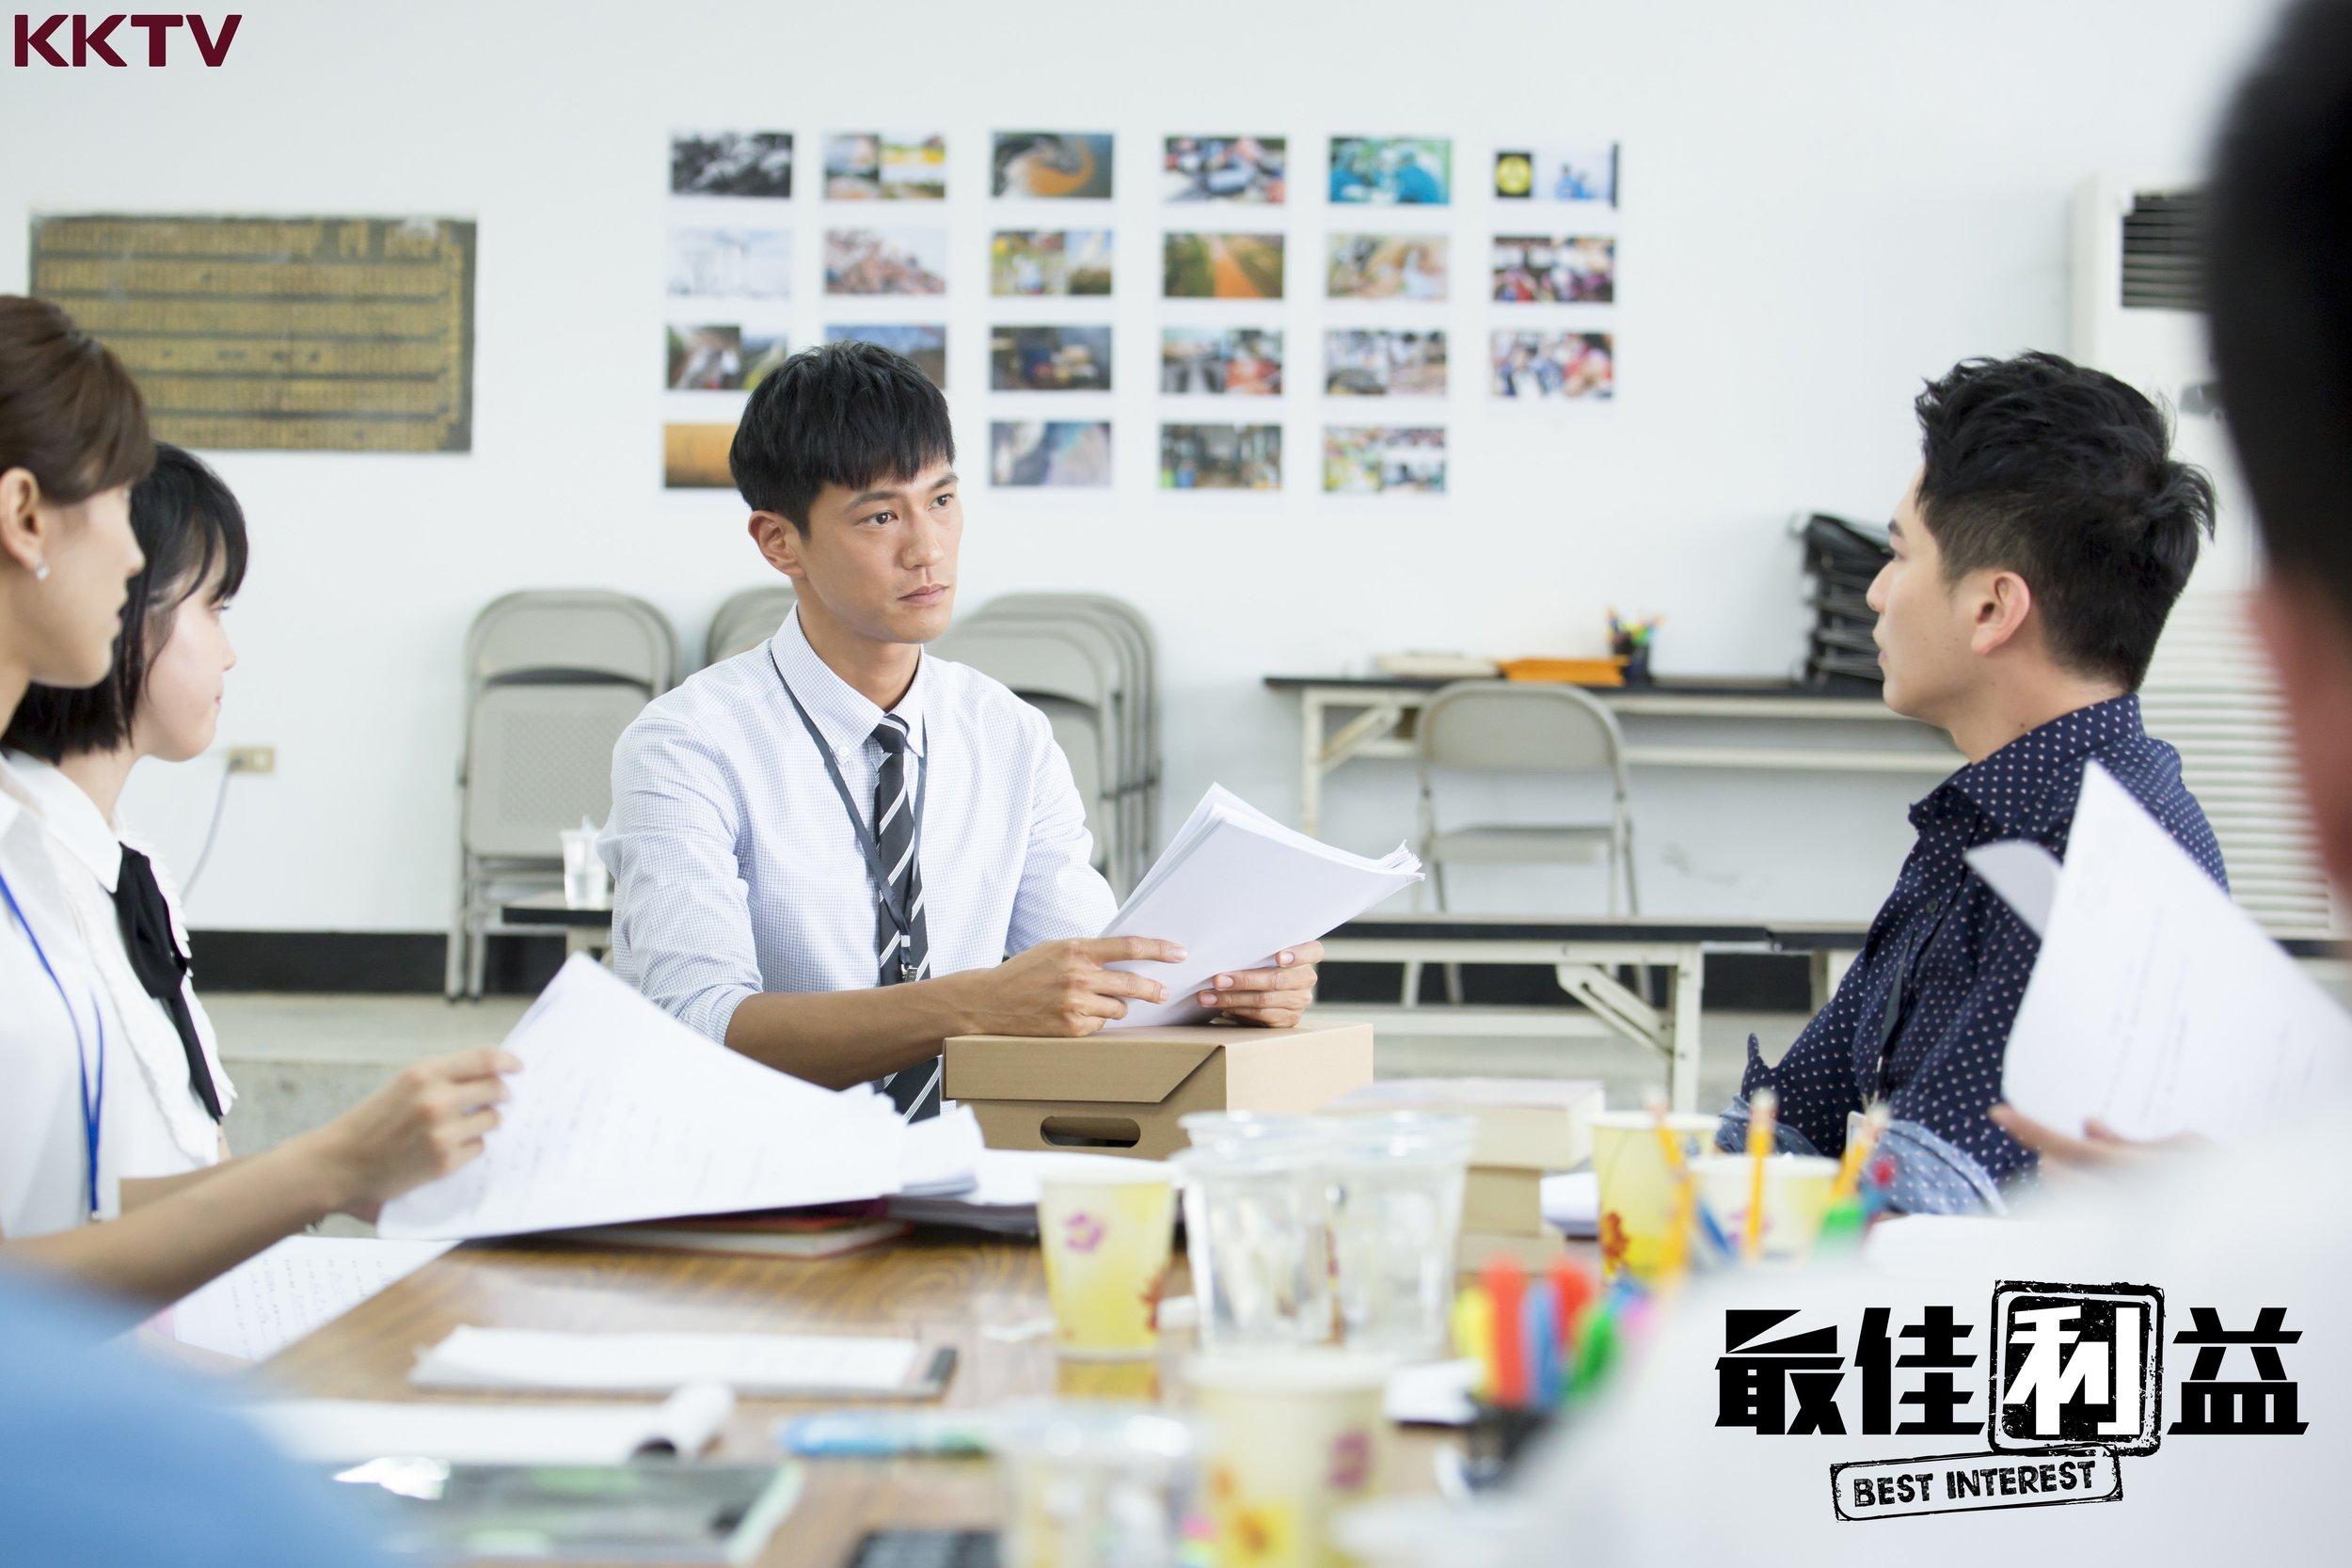 《最佳利益》男主角鍾承翰,飾演熱血的實習律師.jpg